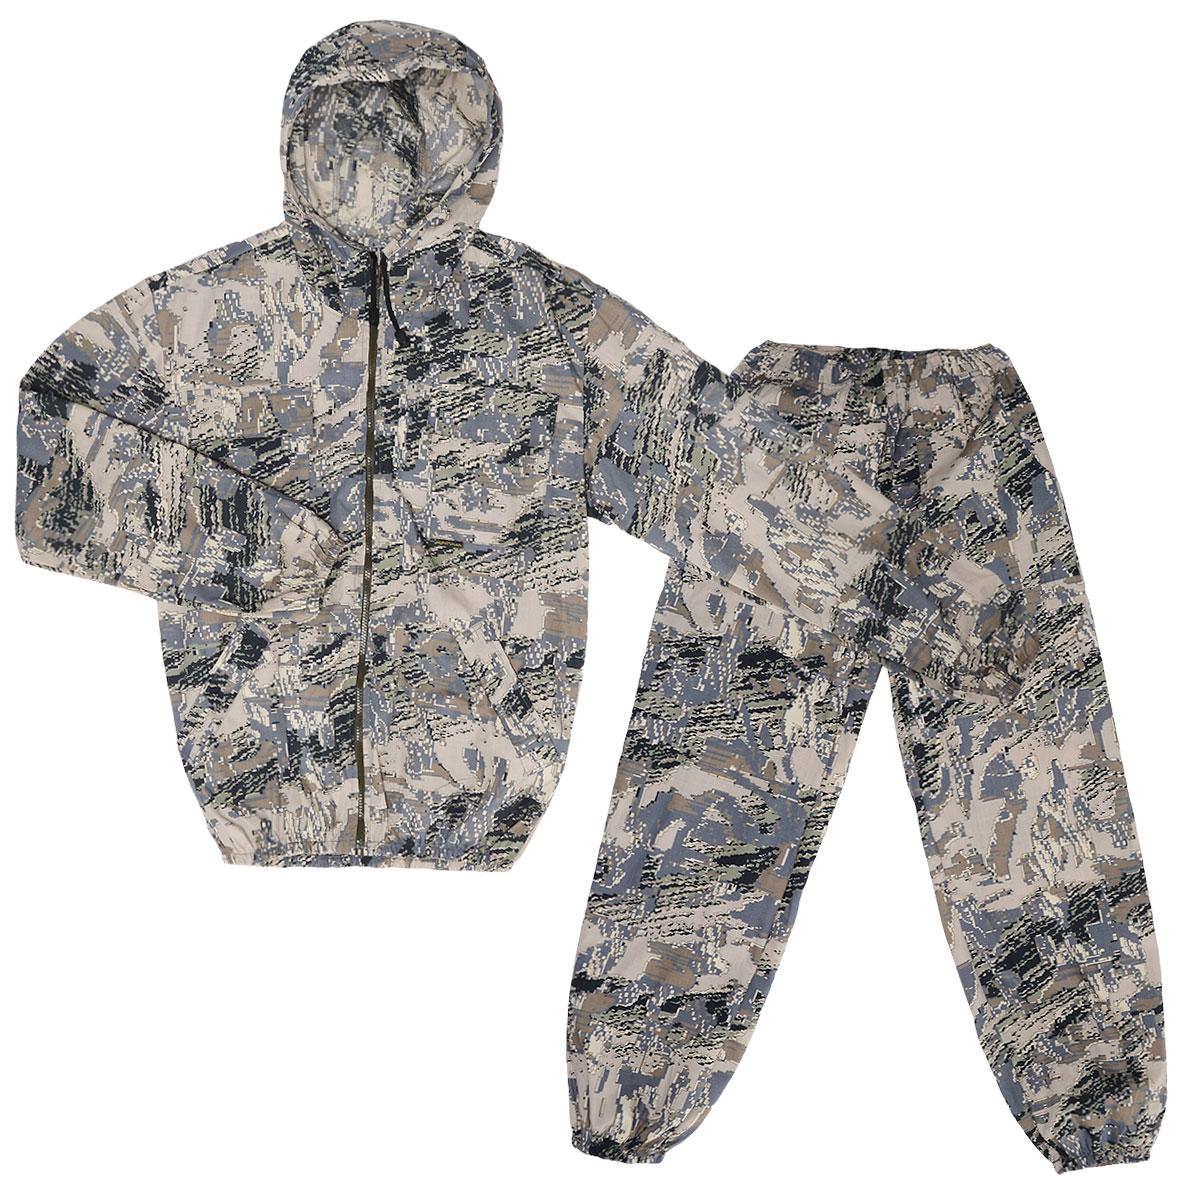 Костюм маскировочный мужской Стрелок, цвет: серый, коричневый. VST-L. Размер 56-58VST-LОтличный легкий летний костюм, аналог Снайпера, используется весной и летом-жаркую погоду, для любого отдыха на природе, в том числе активного, от +12 до 25 град. С. Прочная ткань с хлопком, дышит в жару, полиэстер дает прочность. Особенности модели: - куртка на молнии с капюшоном;- низ куртки и рукава на резинке; - два накладных кармана-с клапанами на груди, застегиваются на липучку, два боковых- прорезных с листочками;- на левом рукаве накладной карман с клапаном, застегивается на липучку; - брюки широкие по низу и талии стягиваются резинкой; - функциональные объемные карманы выше колена; - маскировочные цвета, легкая, прочная, дышащая ткань.